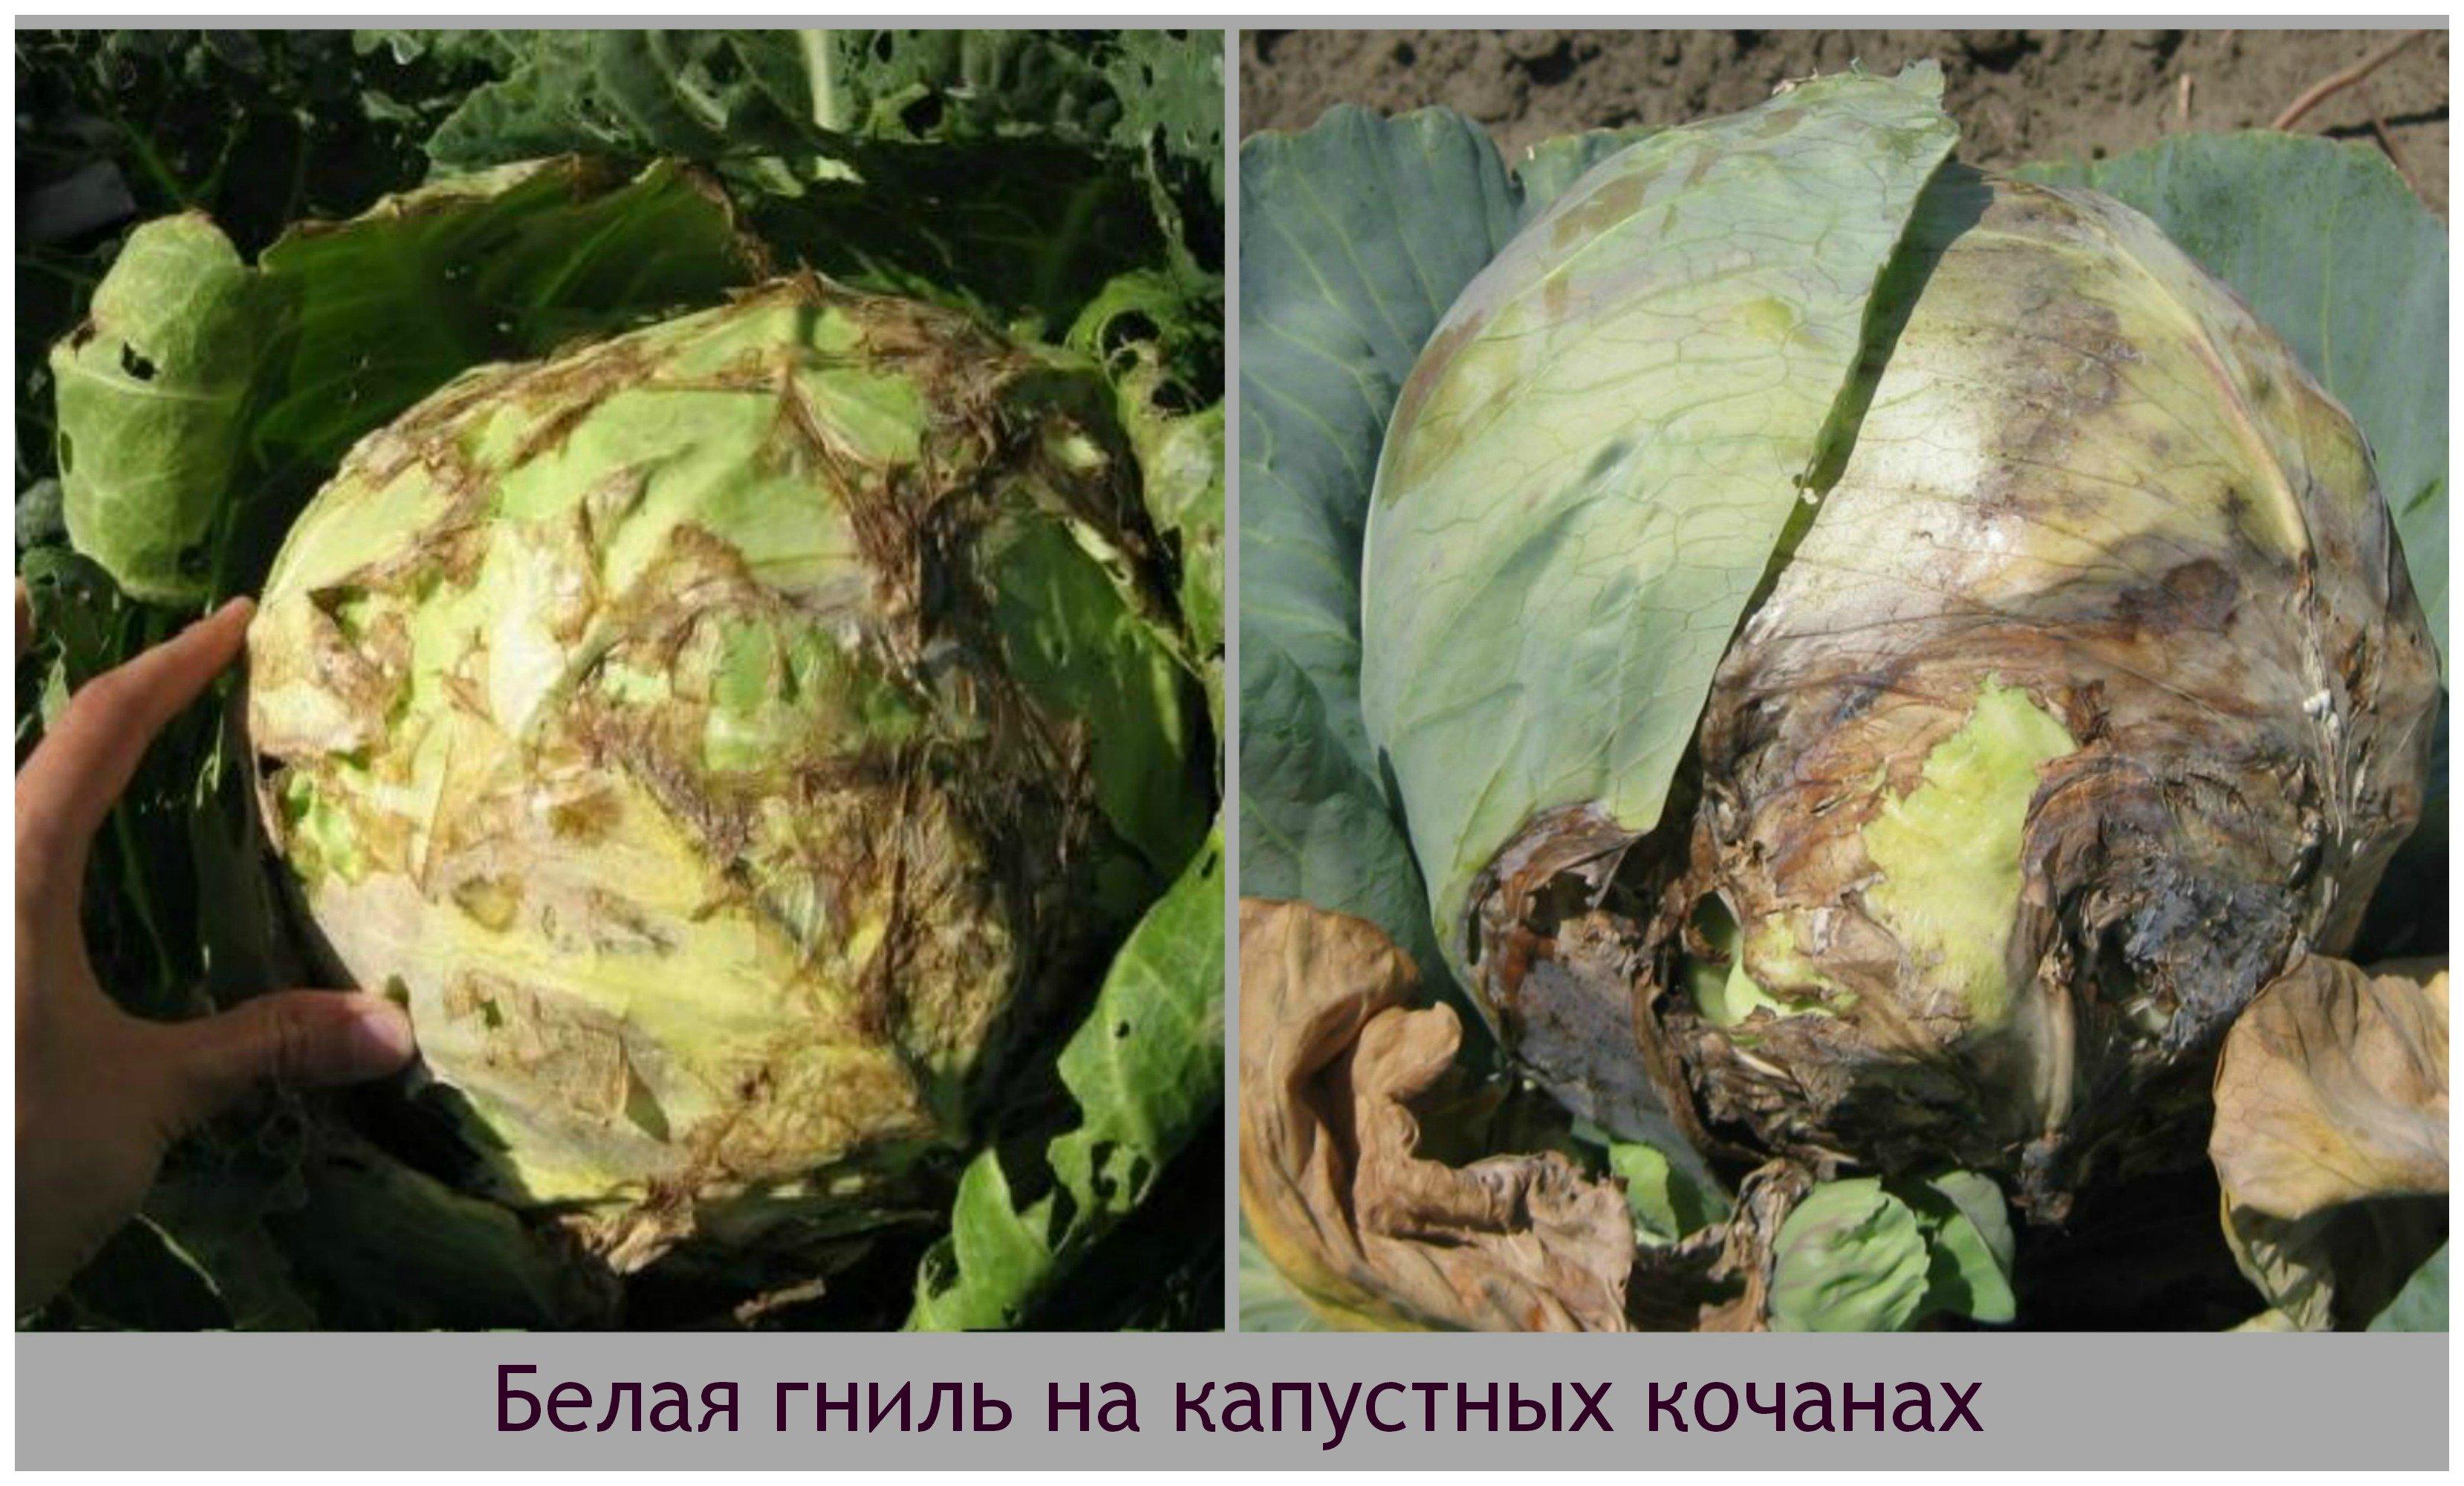 хризантема, может белая гниль капусты методы борьбы фото найдете шесть